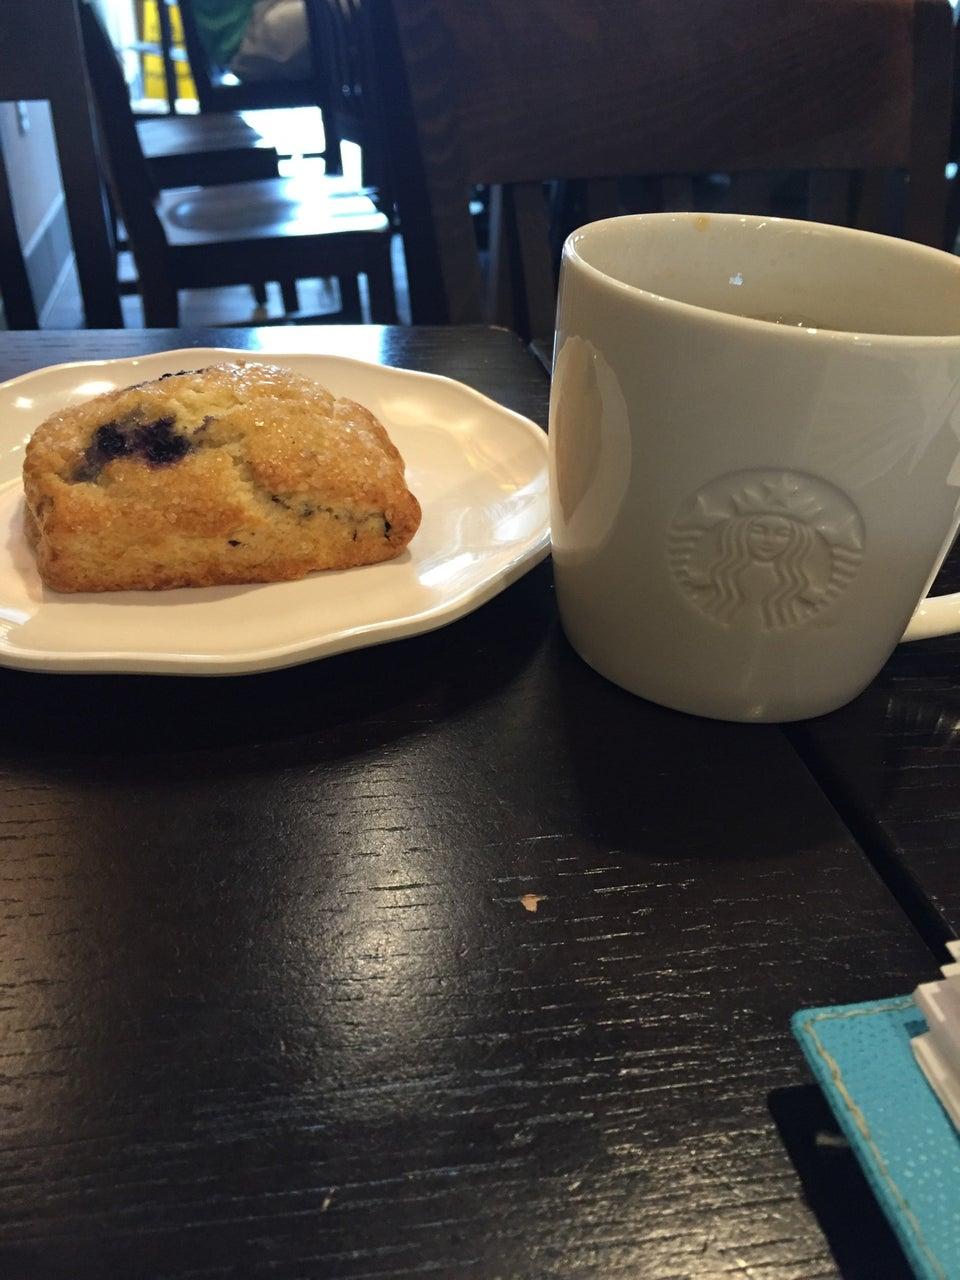 Starbucks Roanoke